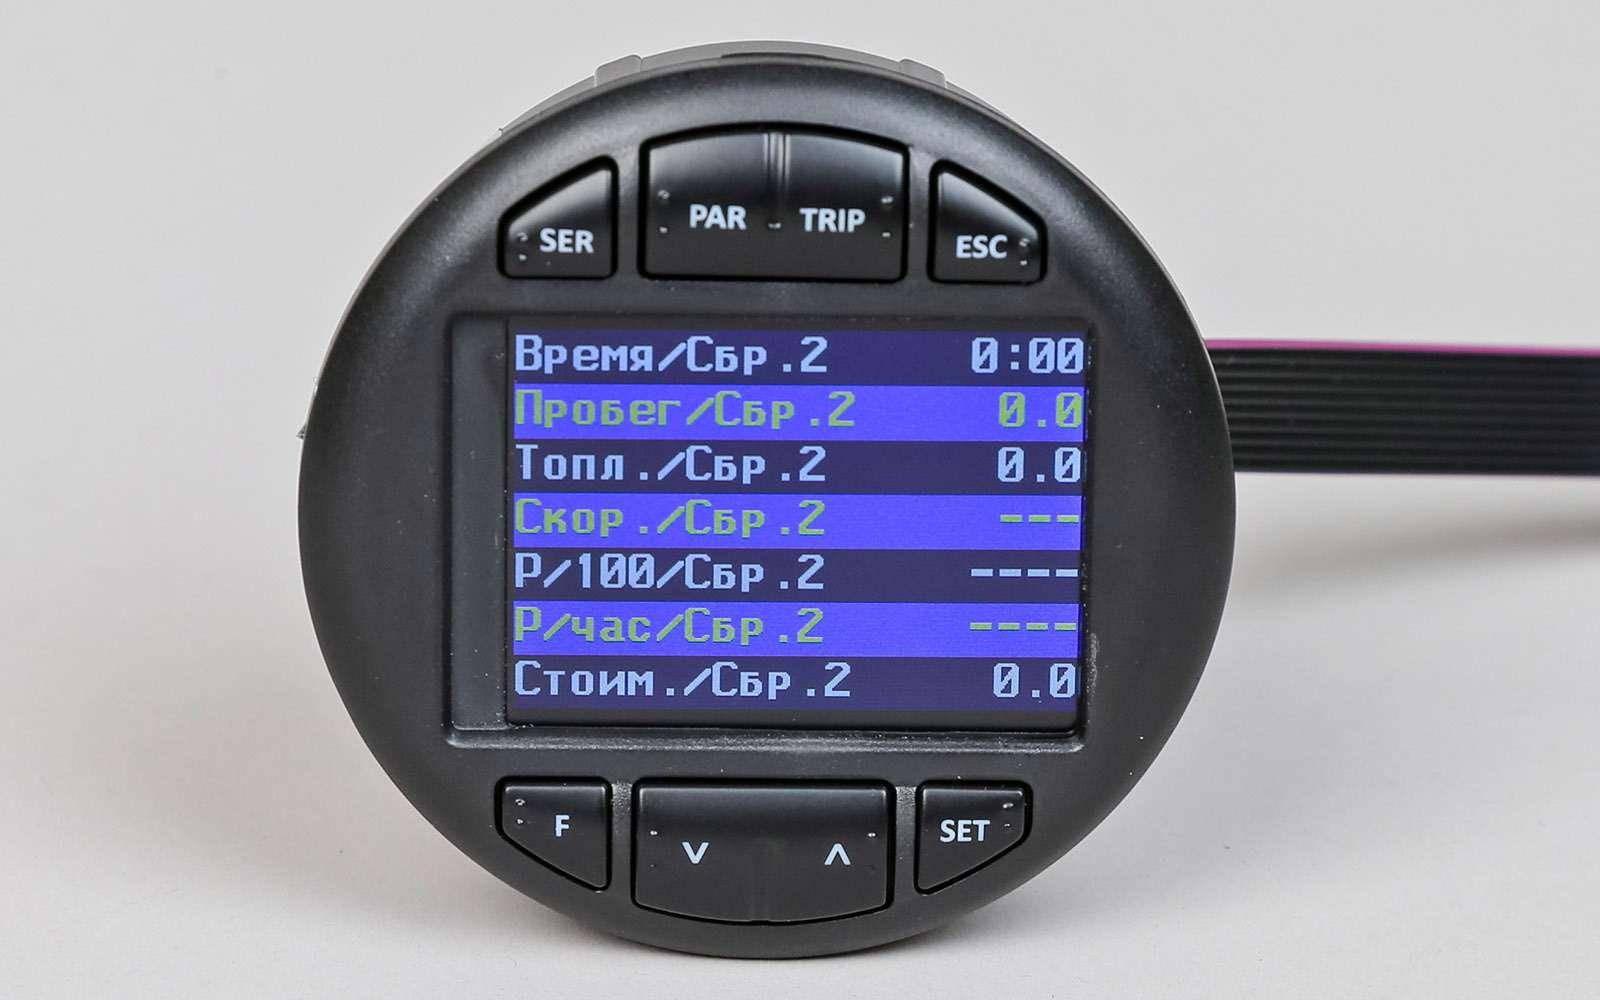 Бортовые компьютеры длябюджетных авто: сравниваем шесть моделей— фото 720018